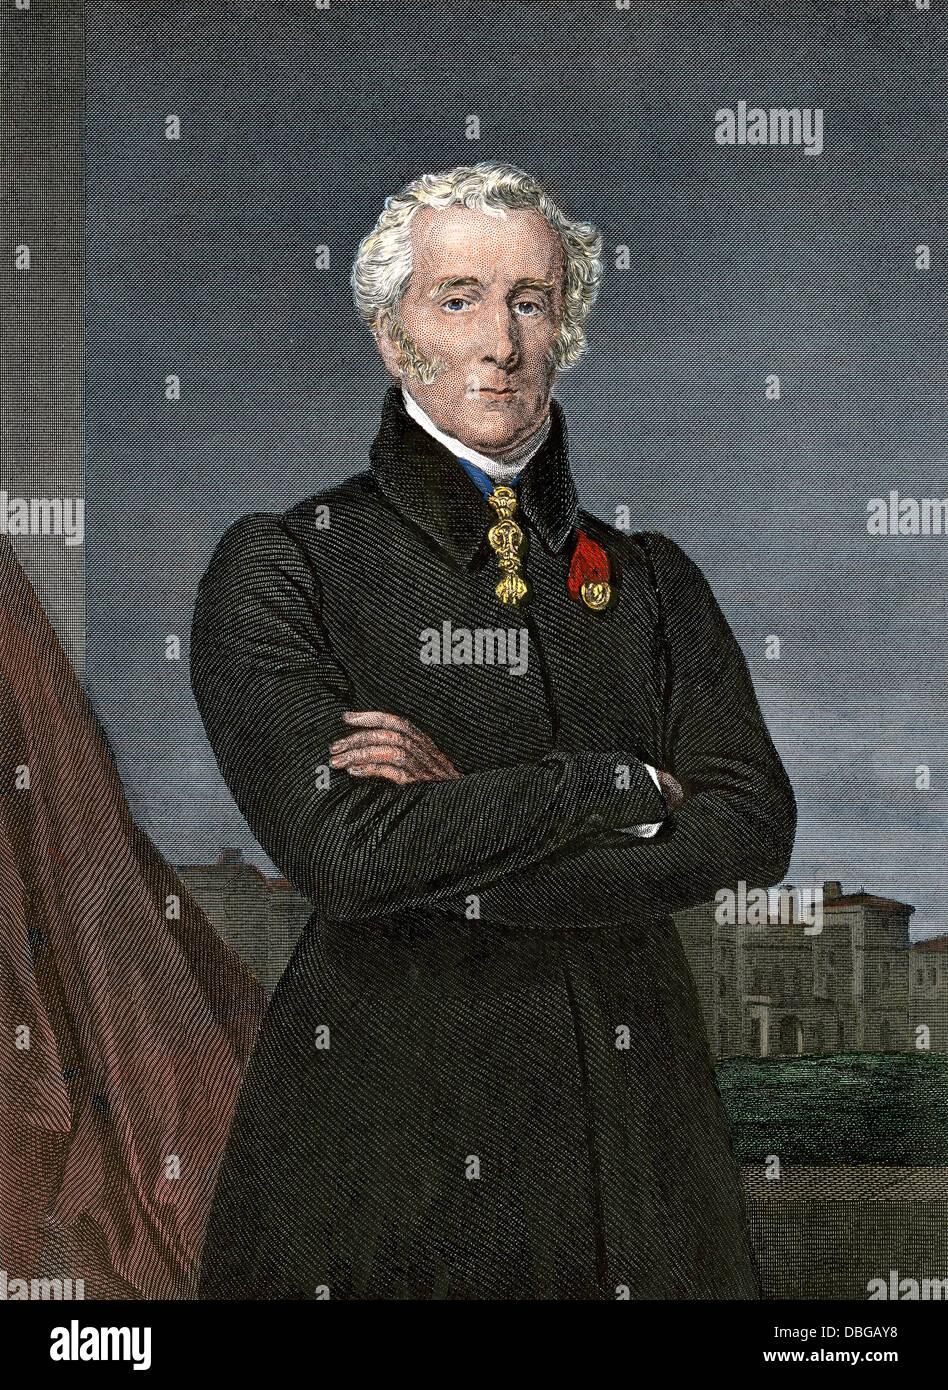 Arthur Wellesley, duque de Wellington, quien derrotó a Napoleón en Waterloo. Mano de color acero grabado Imagen De Stock